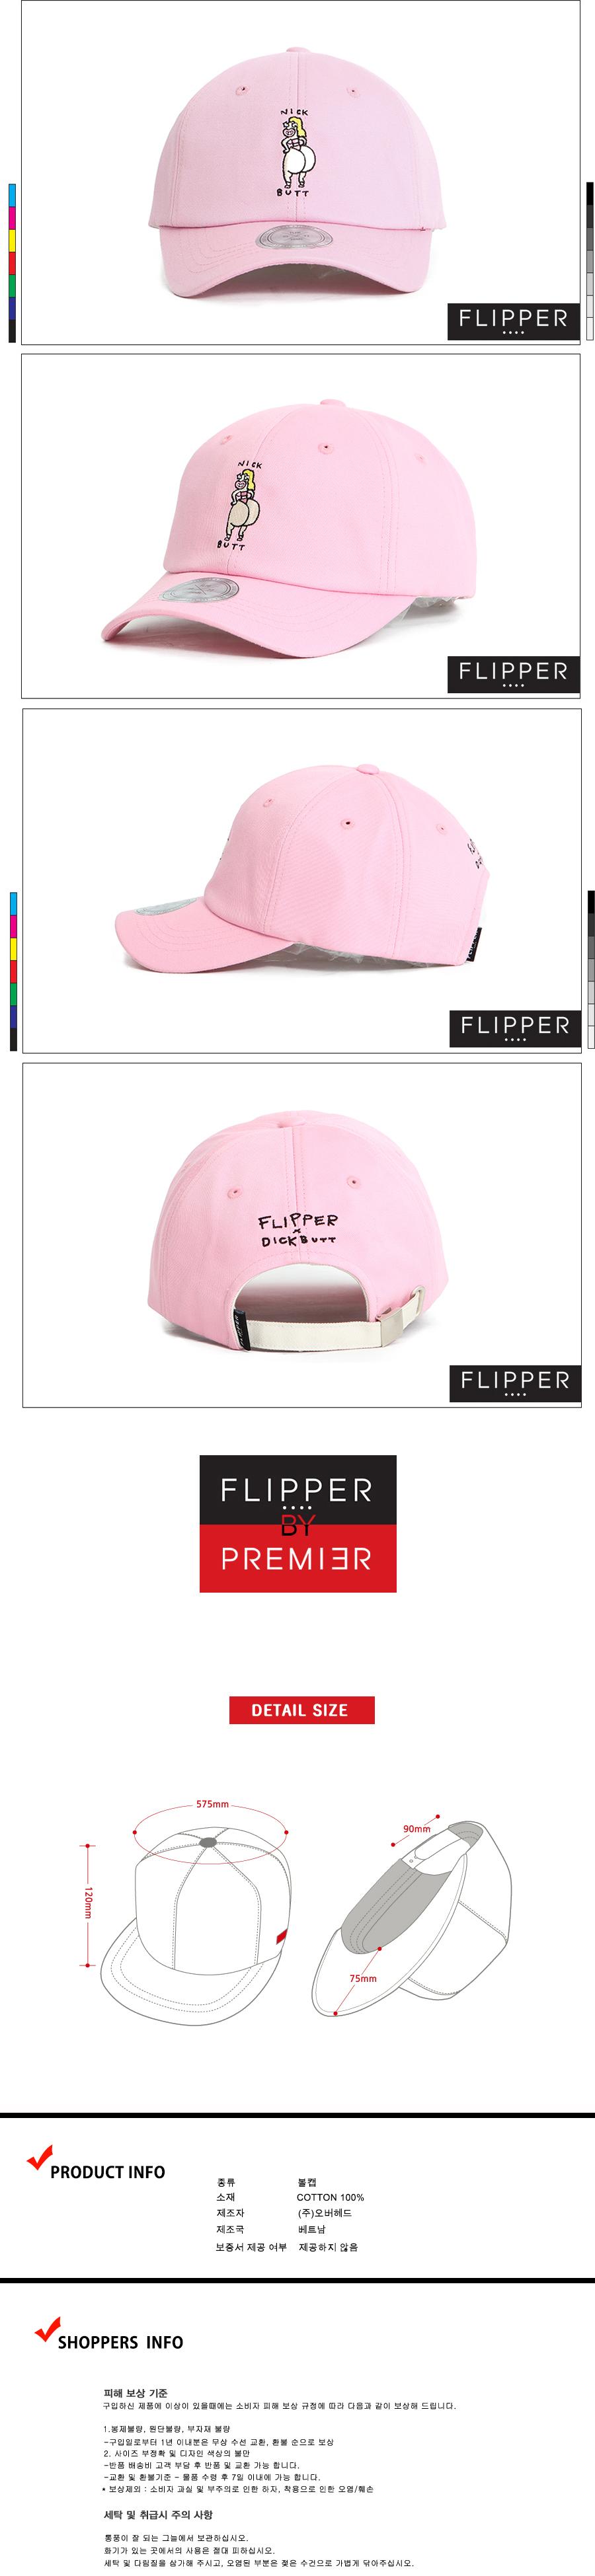 [ PREMIER ] [Premier] Flipper Ball Cap Nick Butt Pink (FL073)